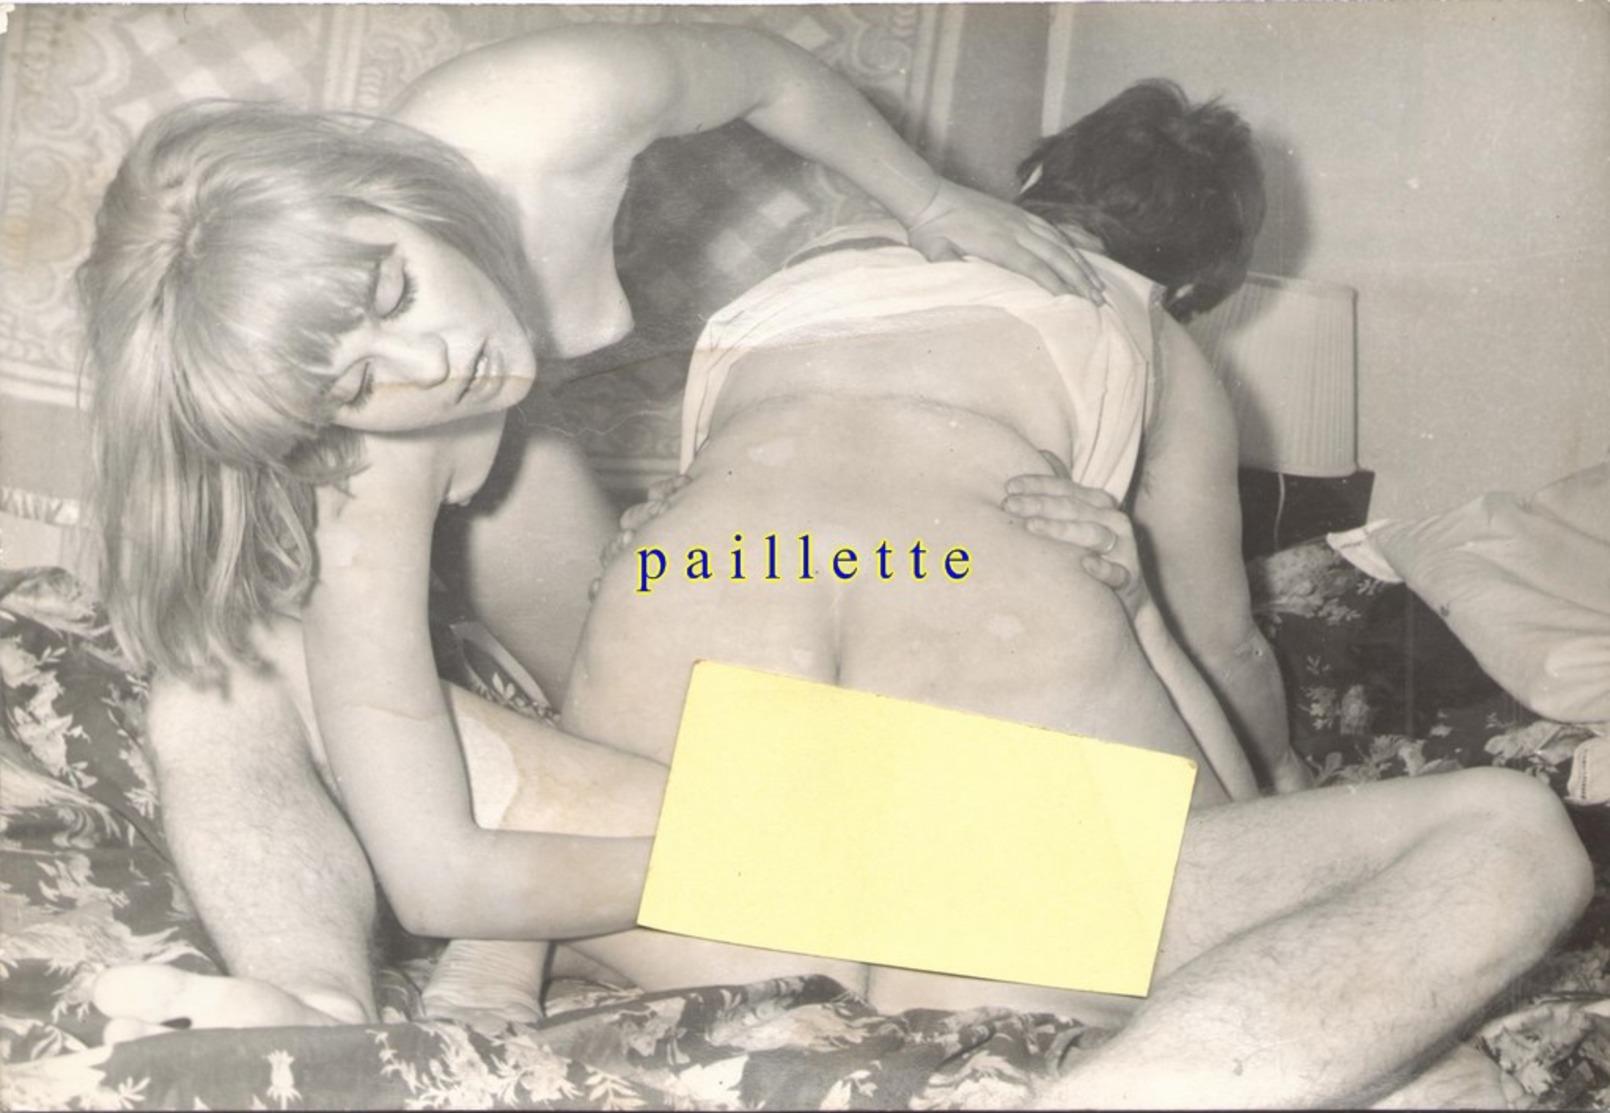 Nue Porno Vintage Nude Naturiste Photo Véritable Ancienne 13x9cm Sexe Années 50/60 ACHAT IMMEDIAT Femme Homme - Beauté Féminine (1941-1960)